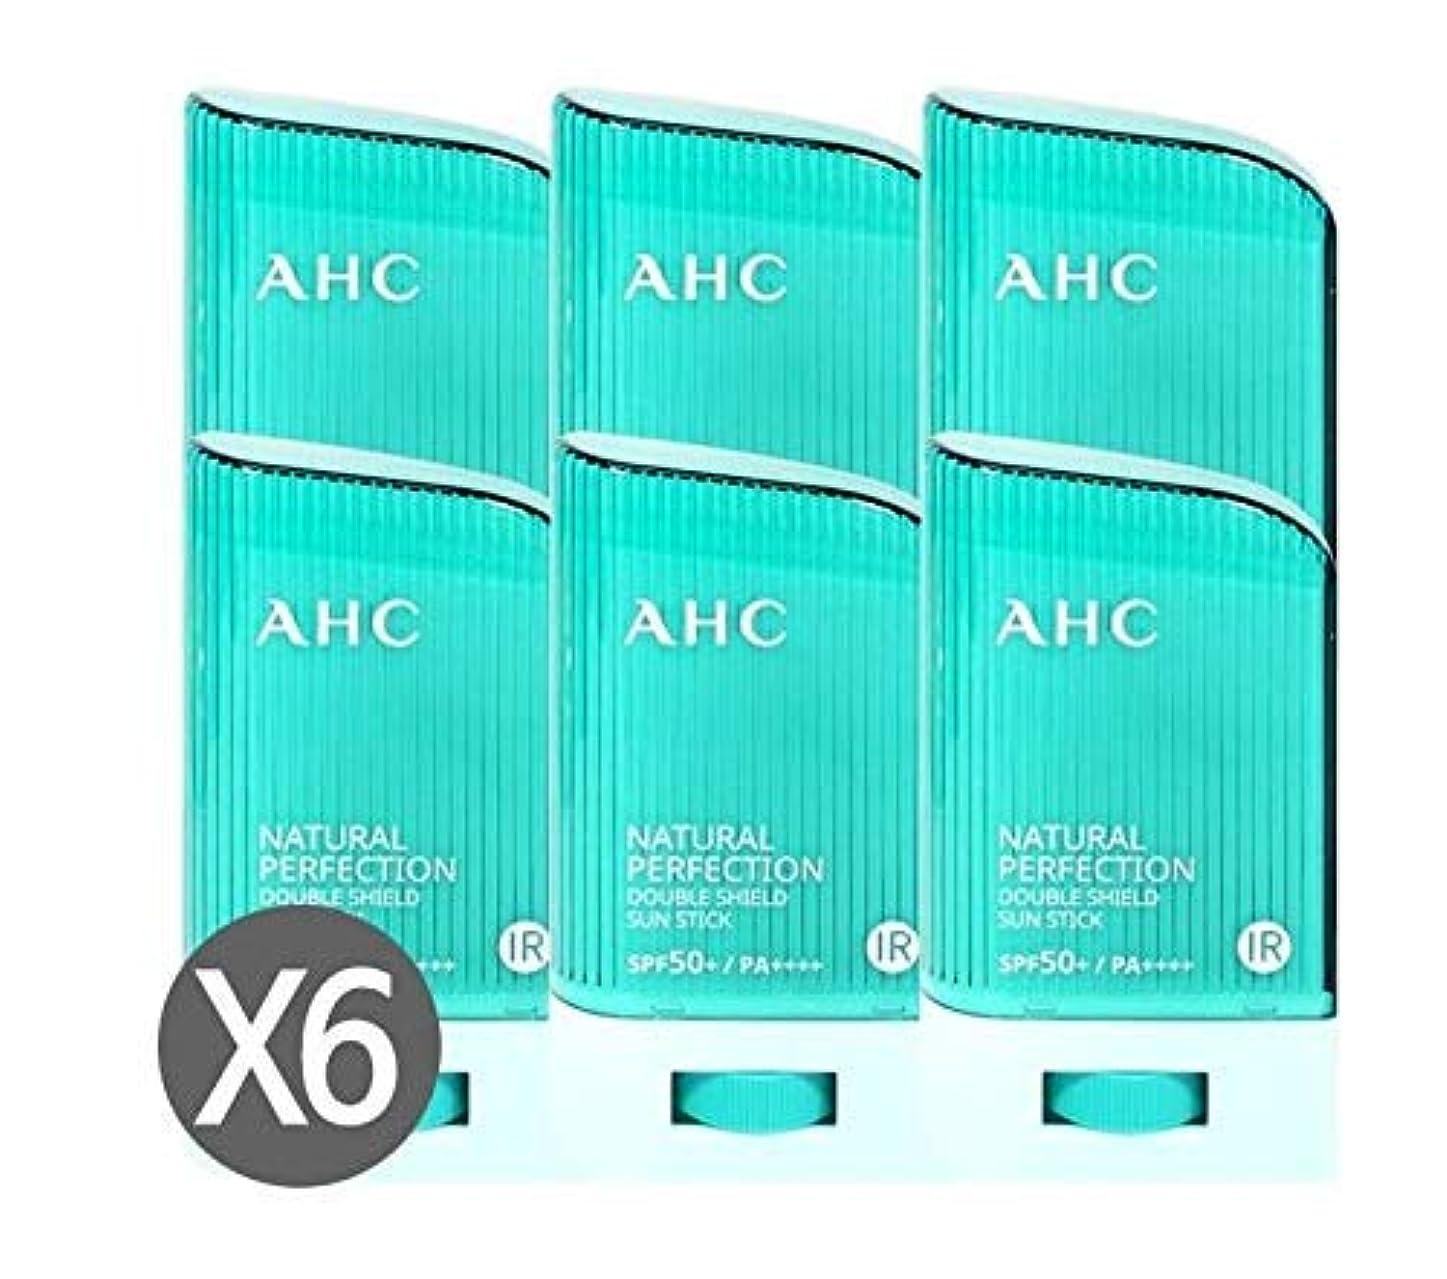 繁栄ラッドヤードキップリングスカート[ 6個セット ] AHC ナチュラルパーフェクションダブルシールドサンスティック 22g, Natural Perfection Double Shield Sun Stick SPF50+ PA++++